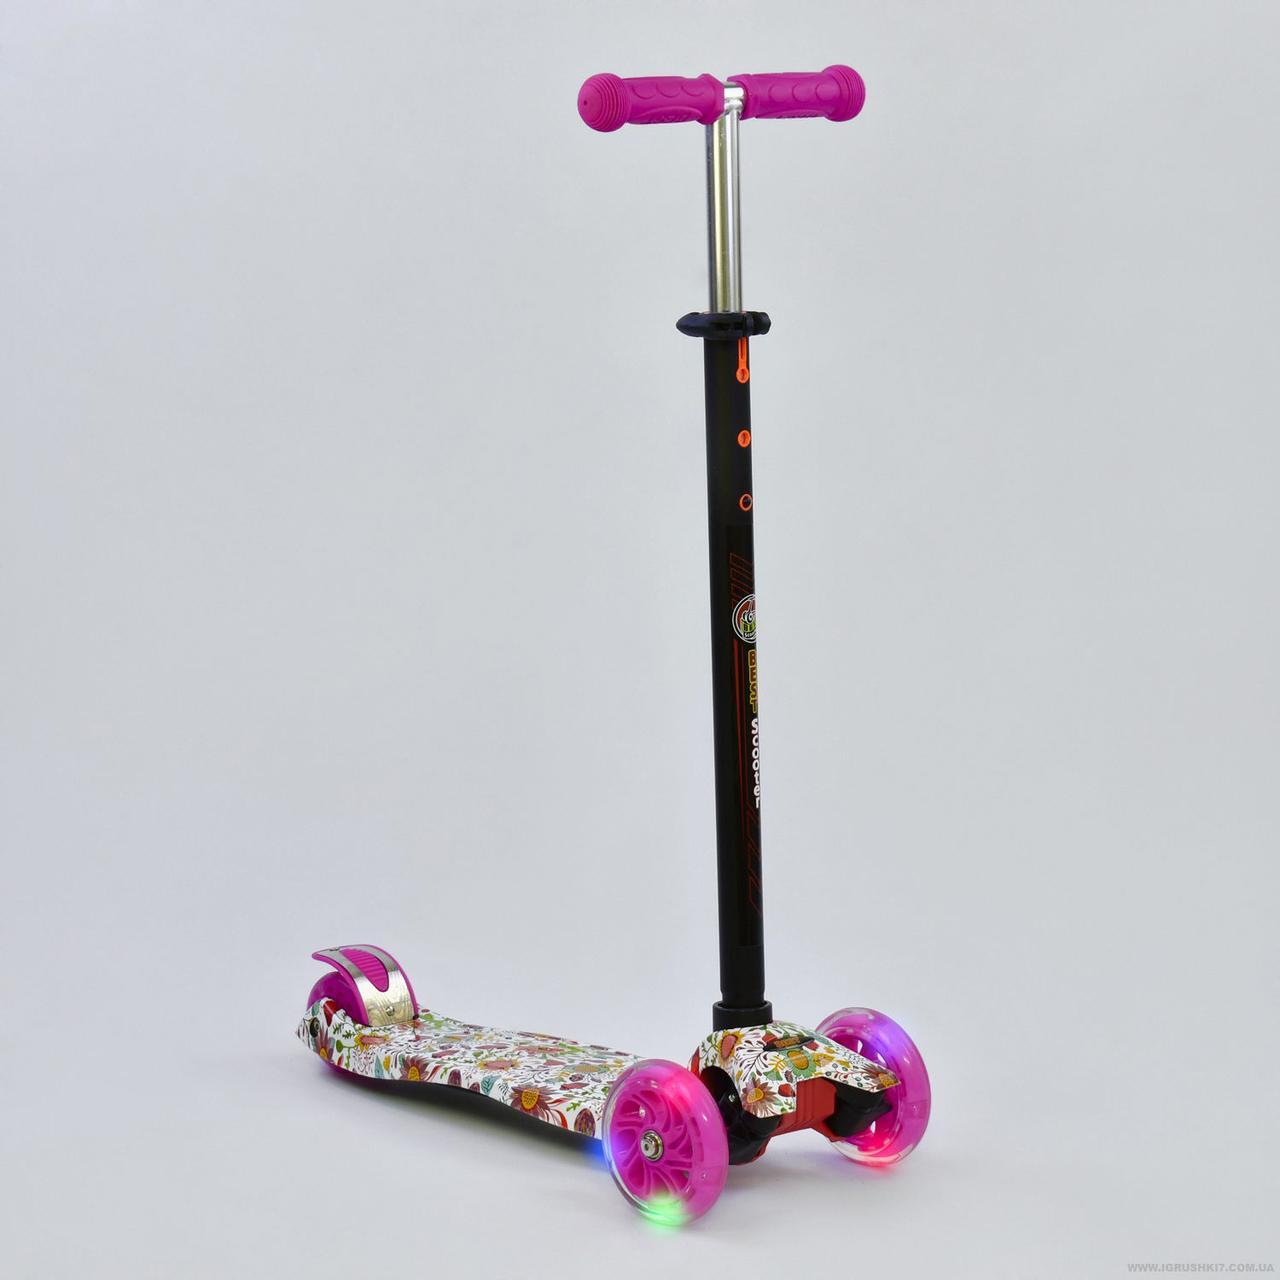 Самокат Best Scooter Maxi розовый цветочки A 25466 / 779-1321